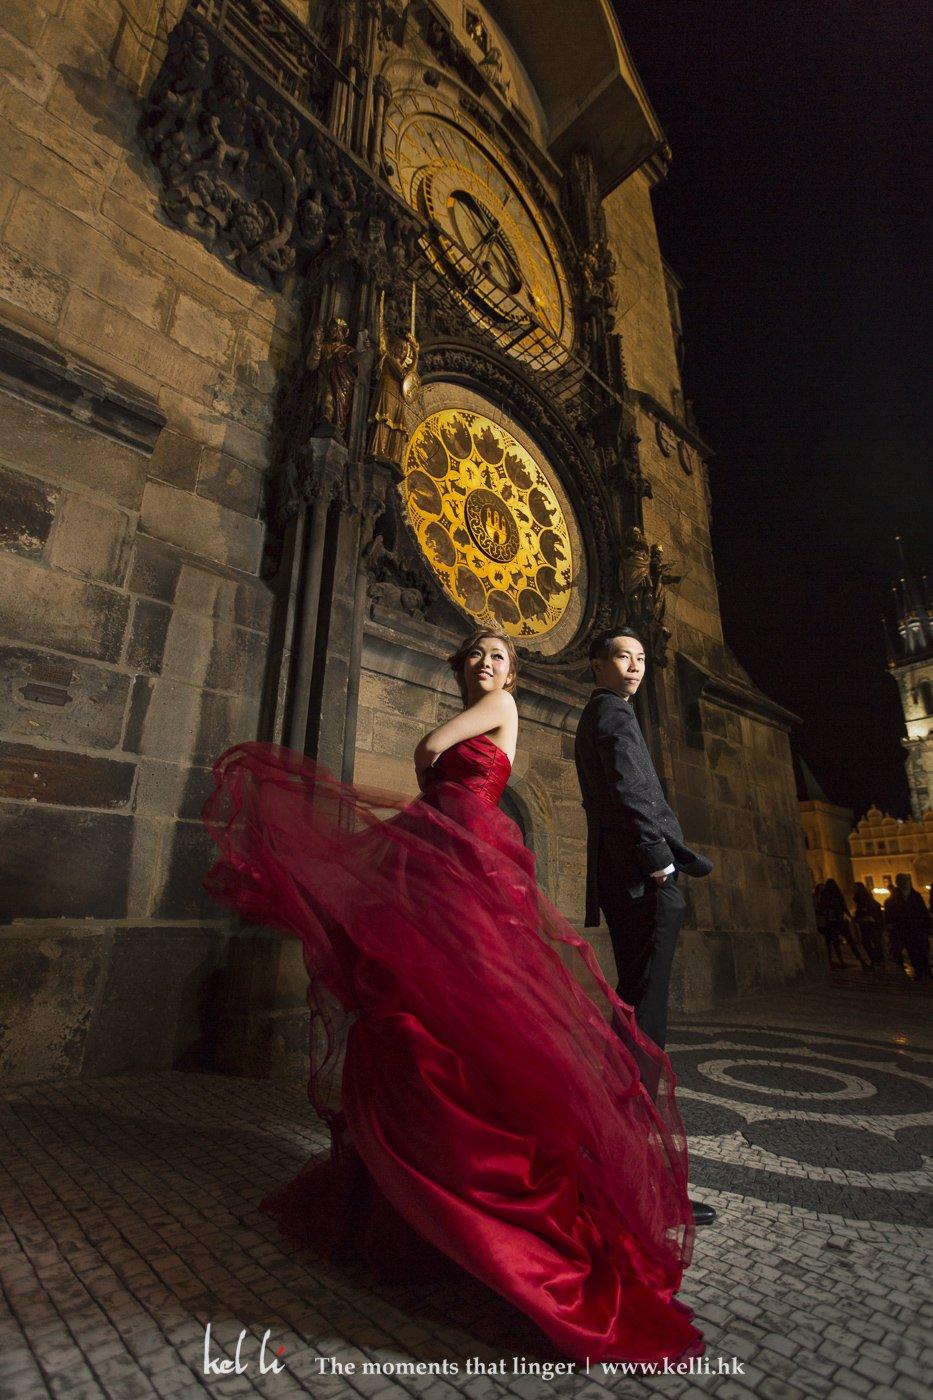 在天文钟前起舞中的新人